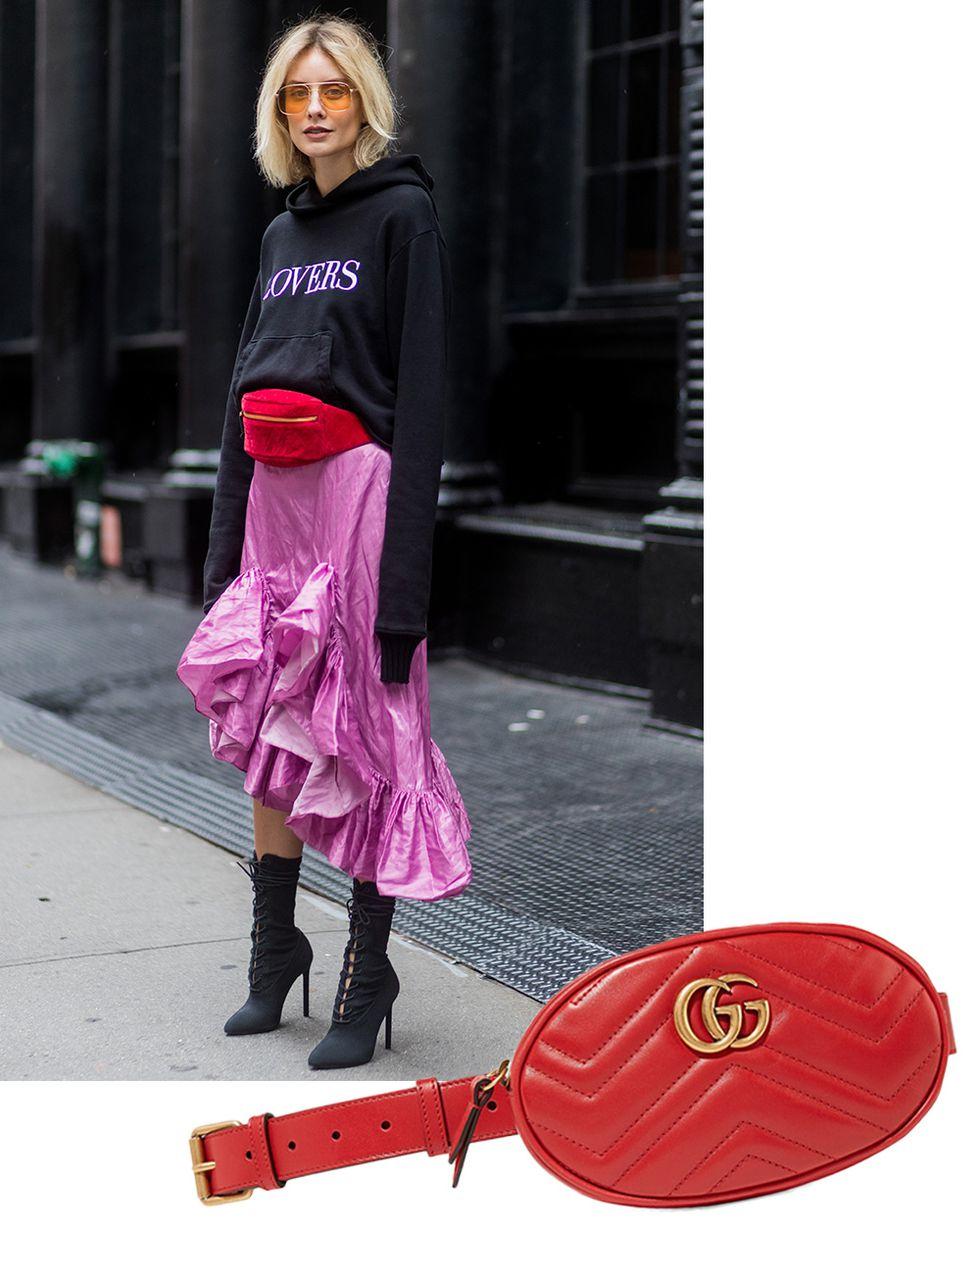 GG 로고로 포인트를 더한 벨트 백은 Gucci.